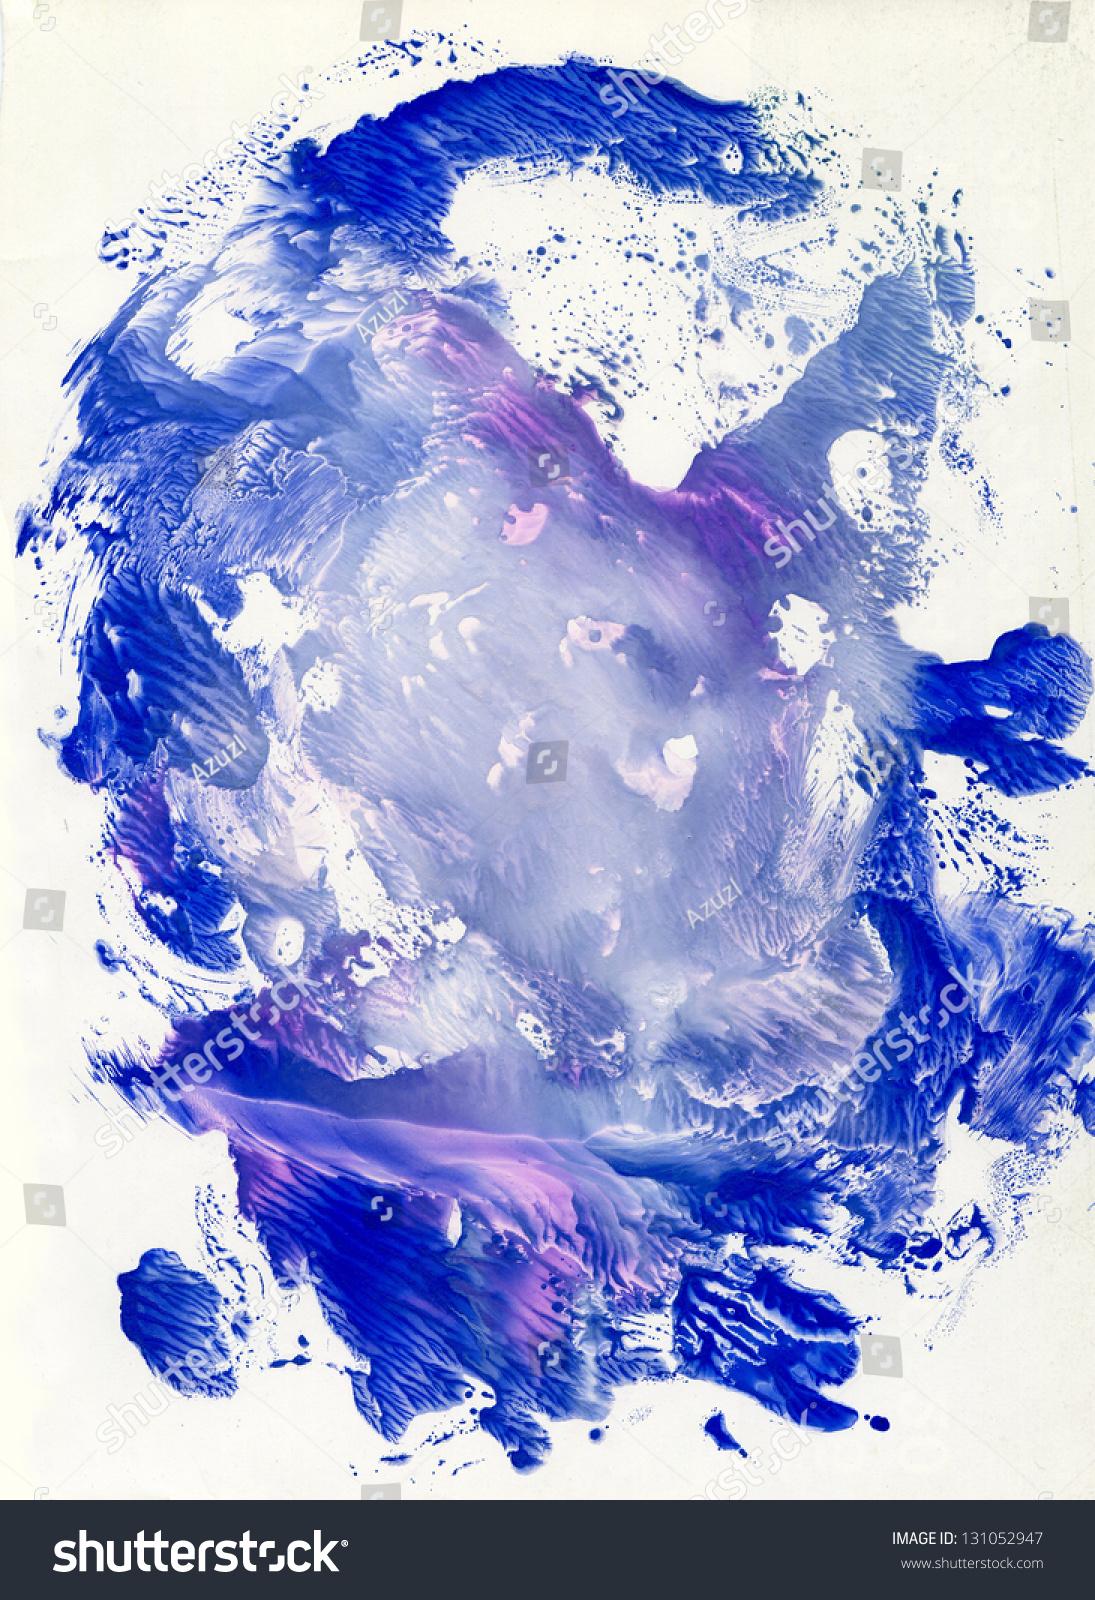 蓝色水粉垃圾的印象和变色-背景/素材,抽象-海洛创意